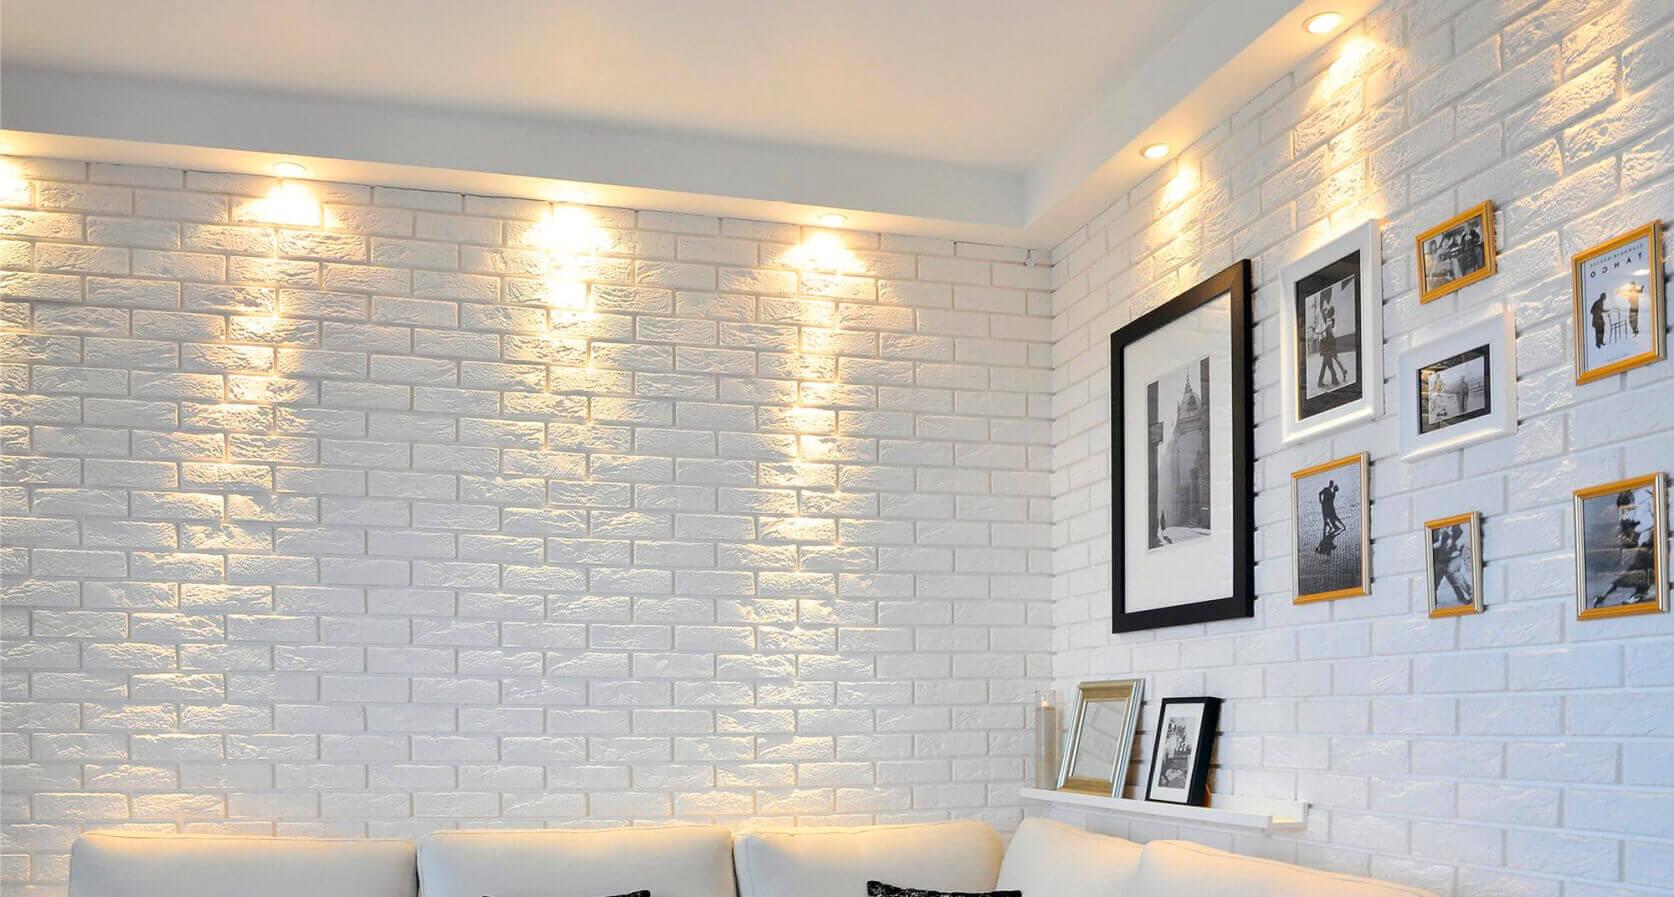 Декоративный кирпич на стенах фото